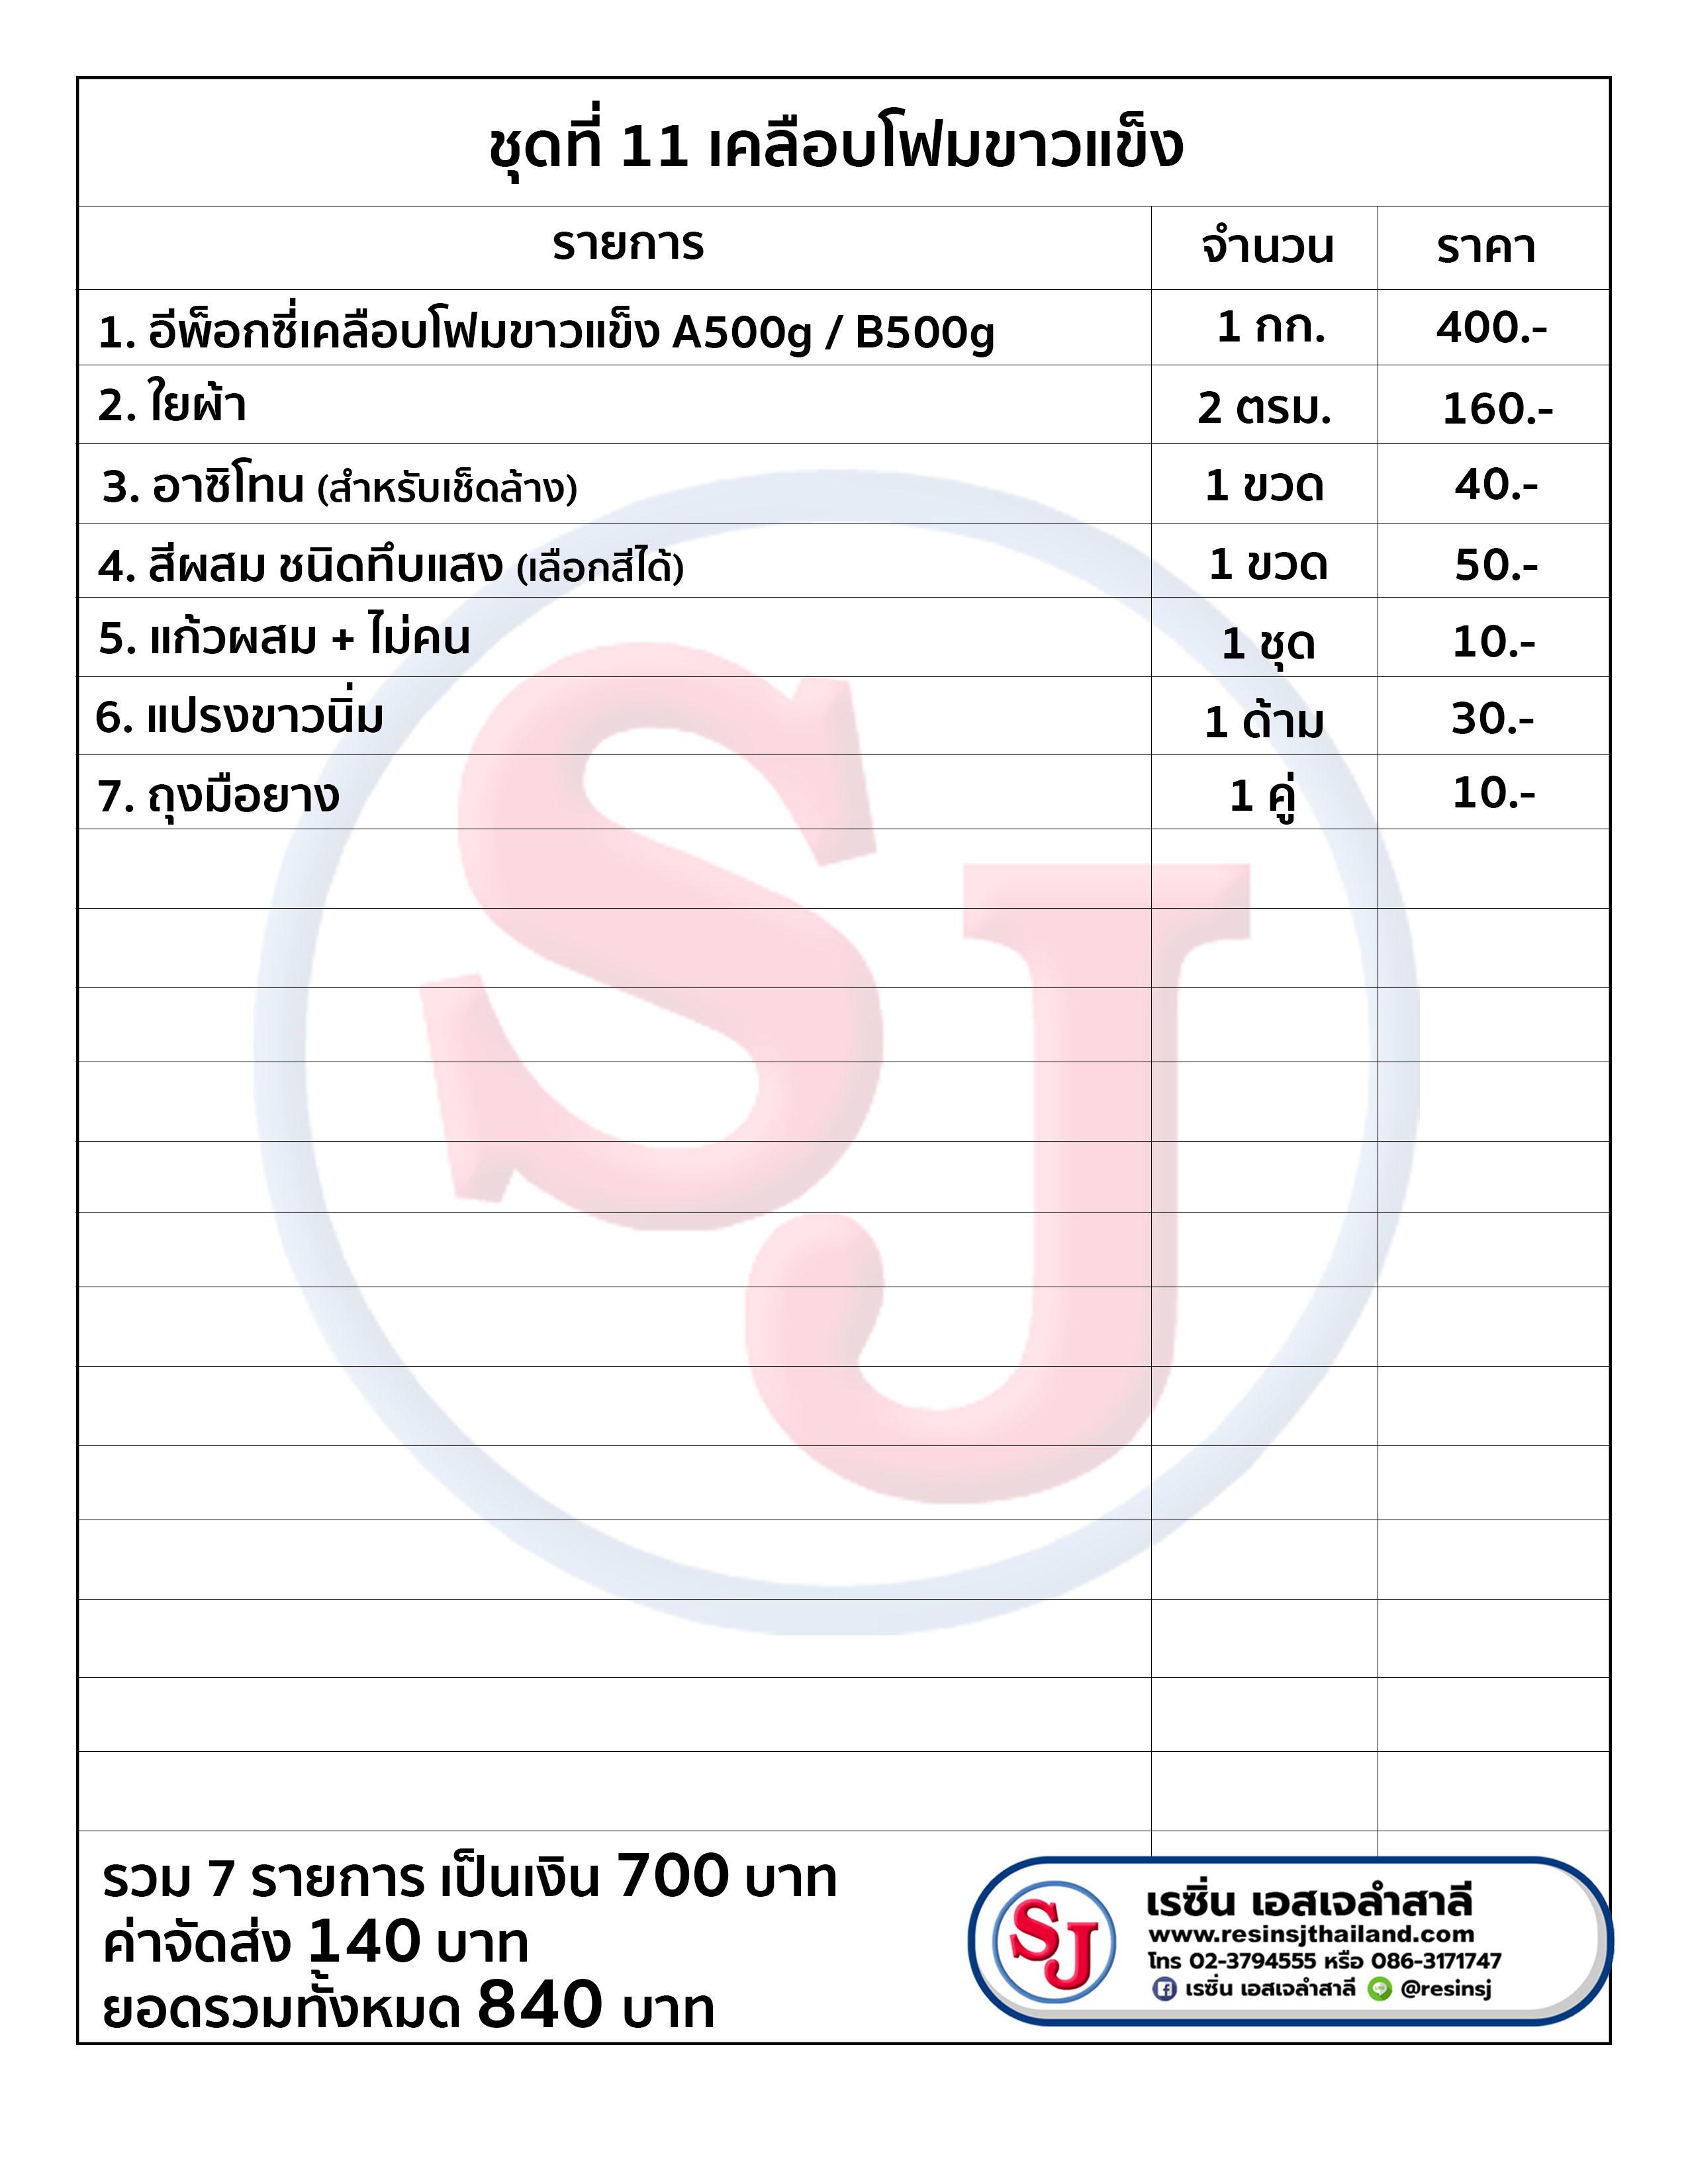 เคลือบโฟมขาว แข็ง,resinsj ,sj ,DIY ,resin,,epoxyresin ,epoxy, ,เรซิ่นเอสเจลำสาลี